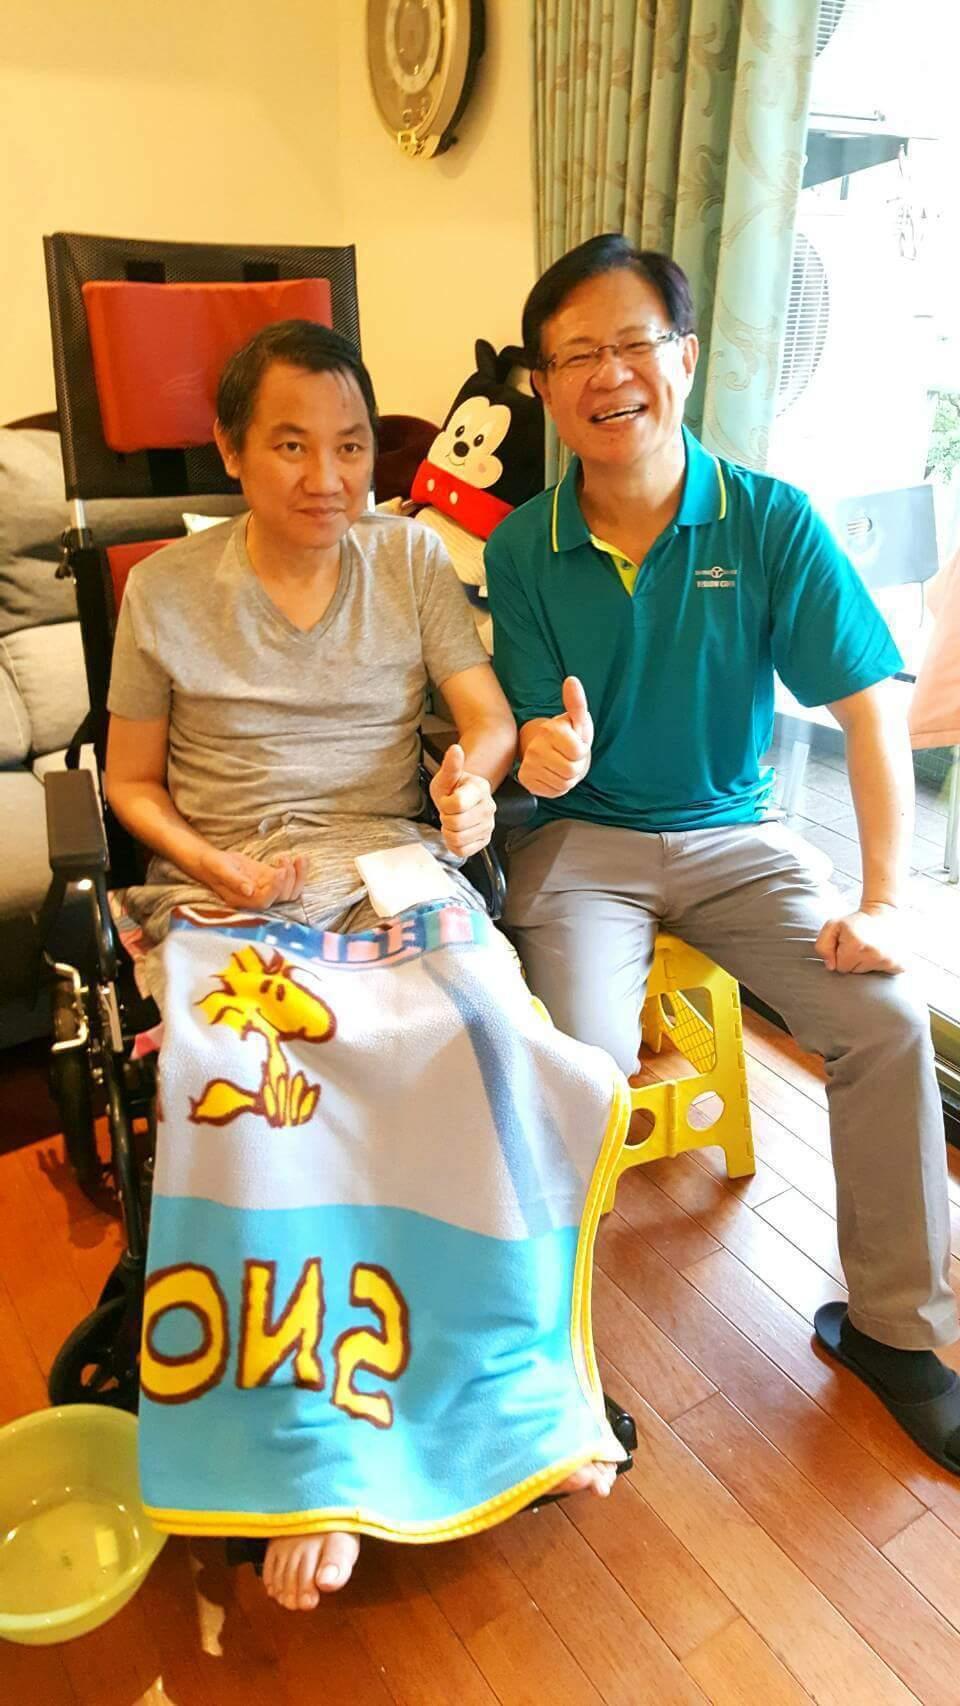 陳立宏(左)坐在輪椅上身形瘦削,右為張啟楷。圖/摘自張啟楷臉書